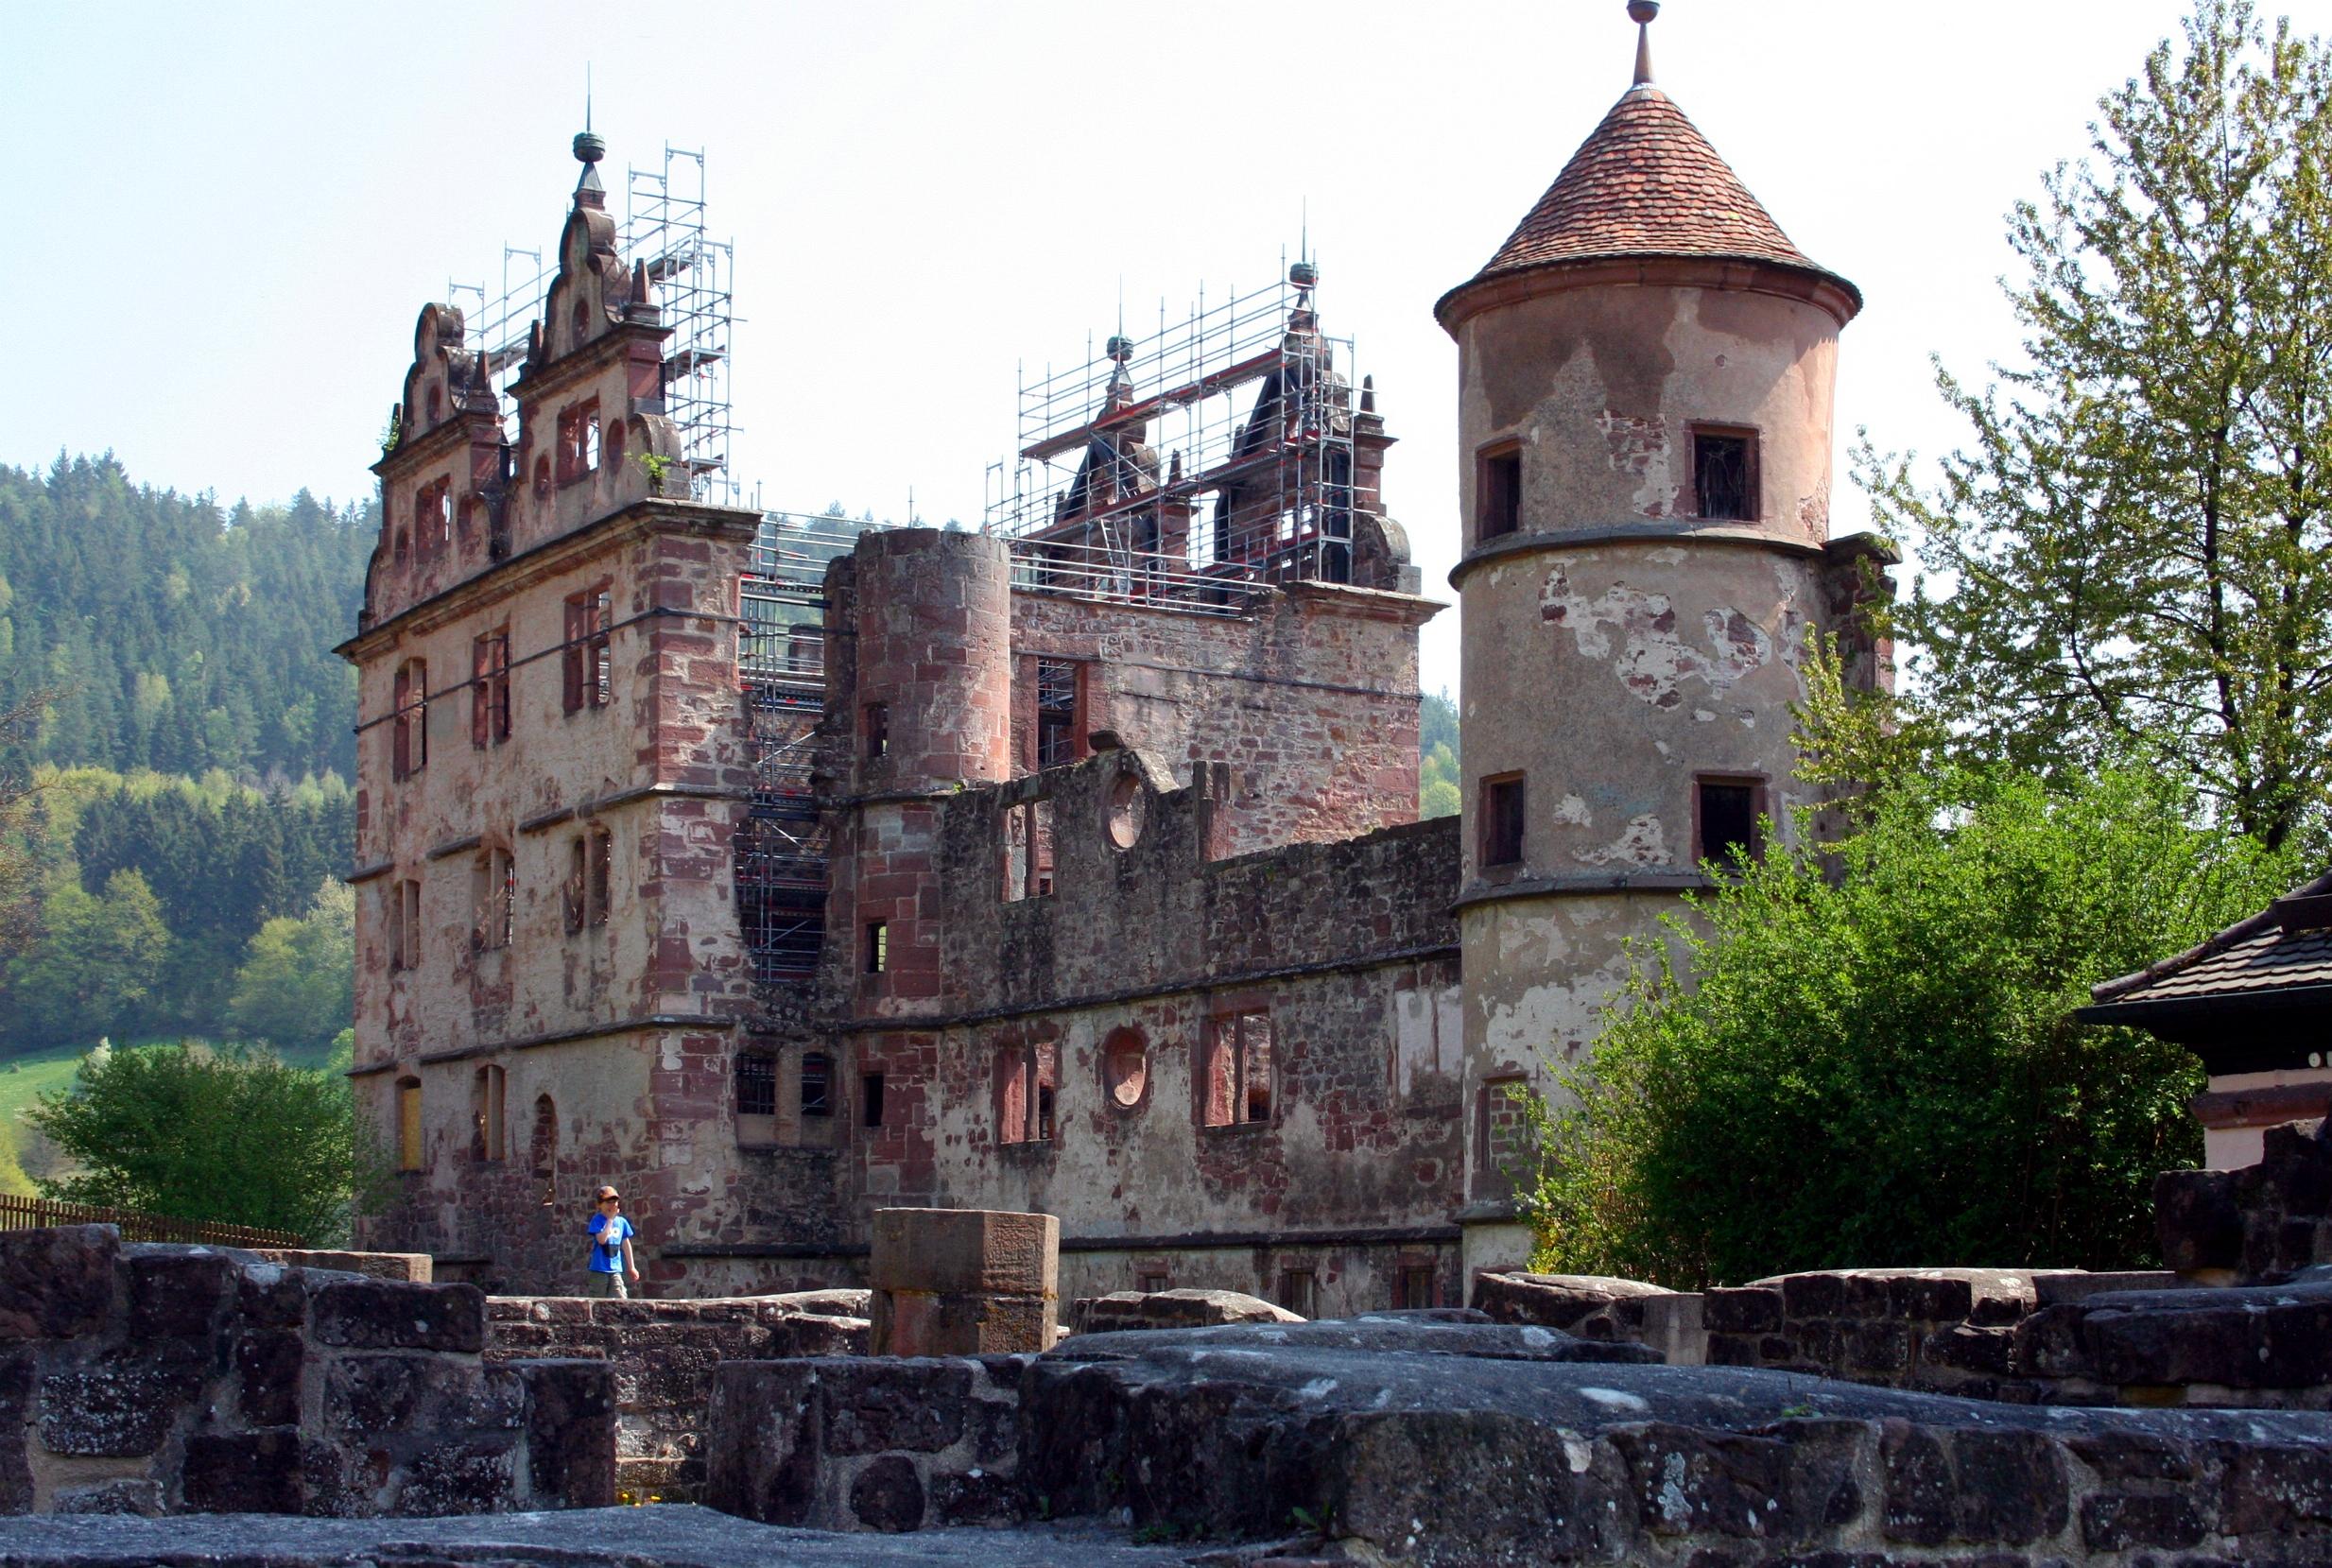 La Chateau De Frenche Spa And Private Tea Room